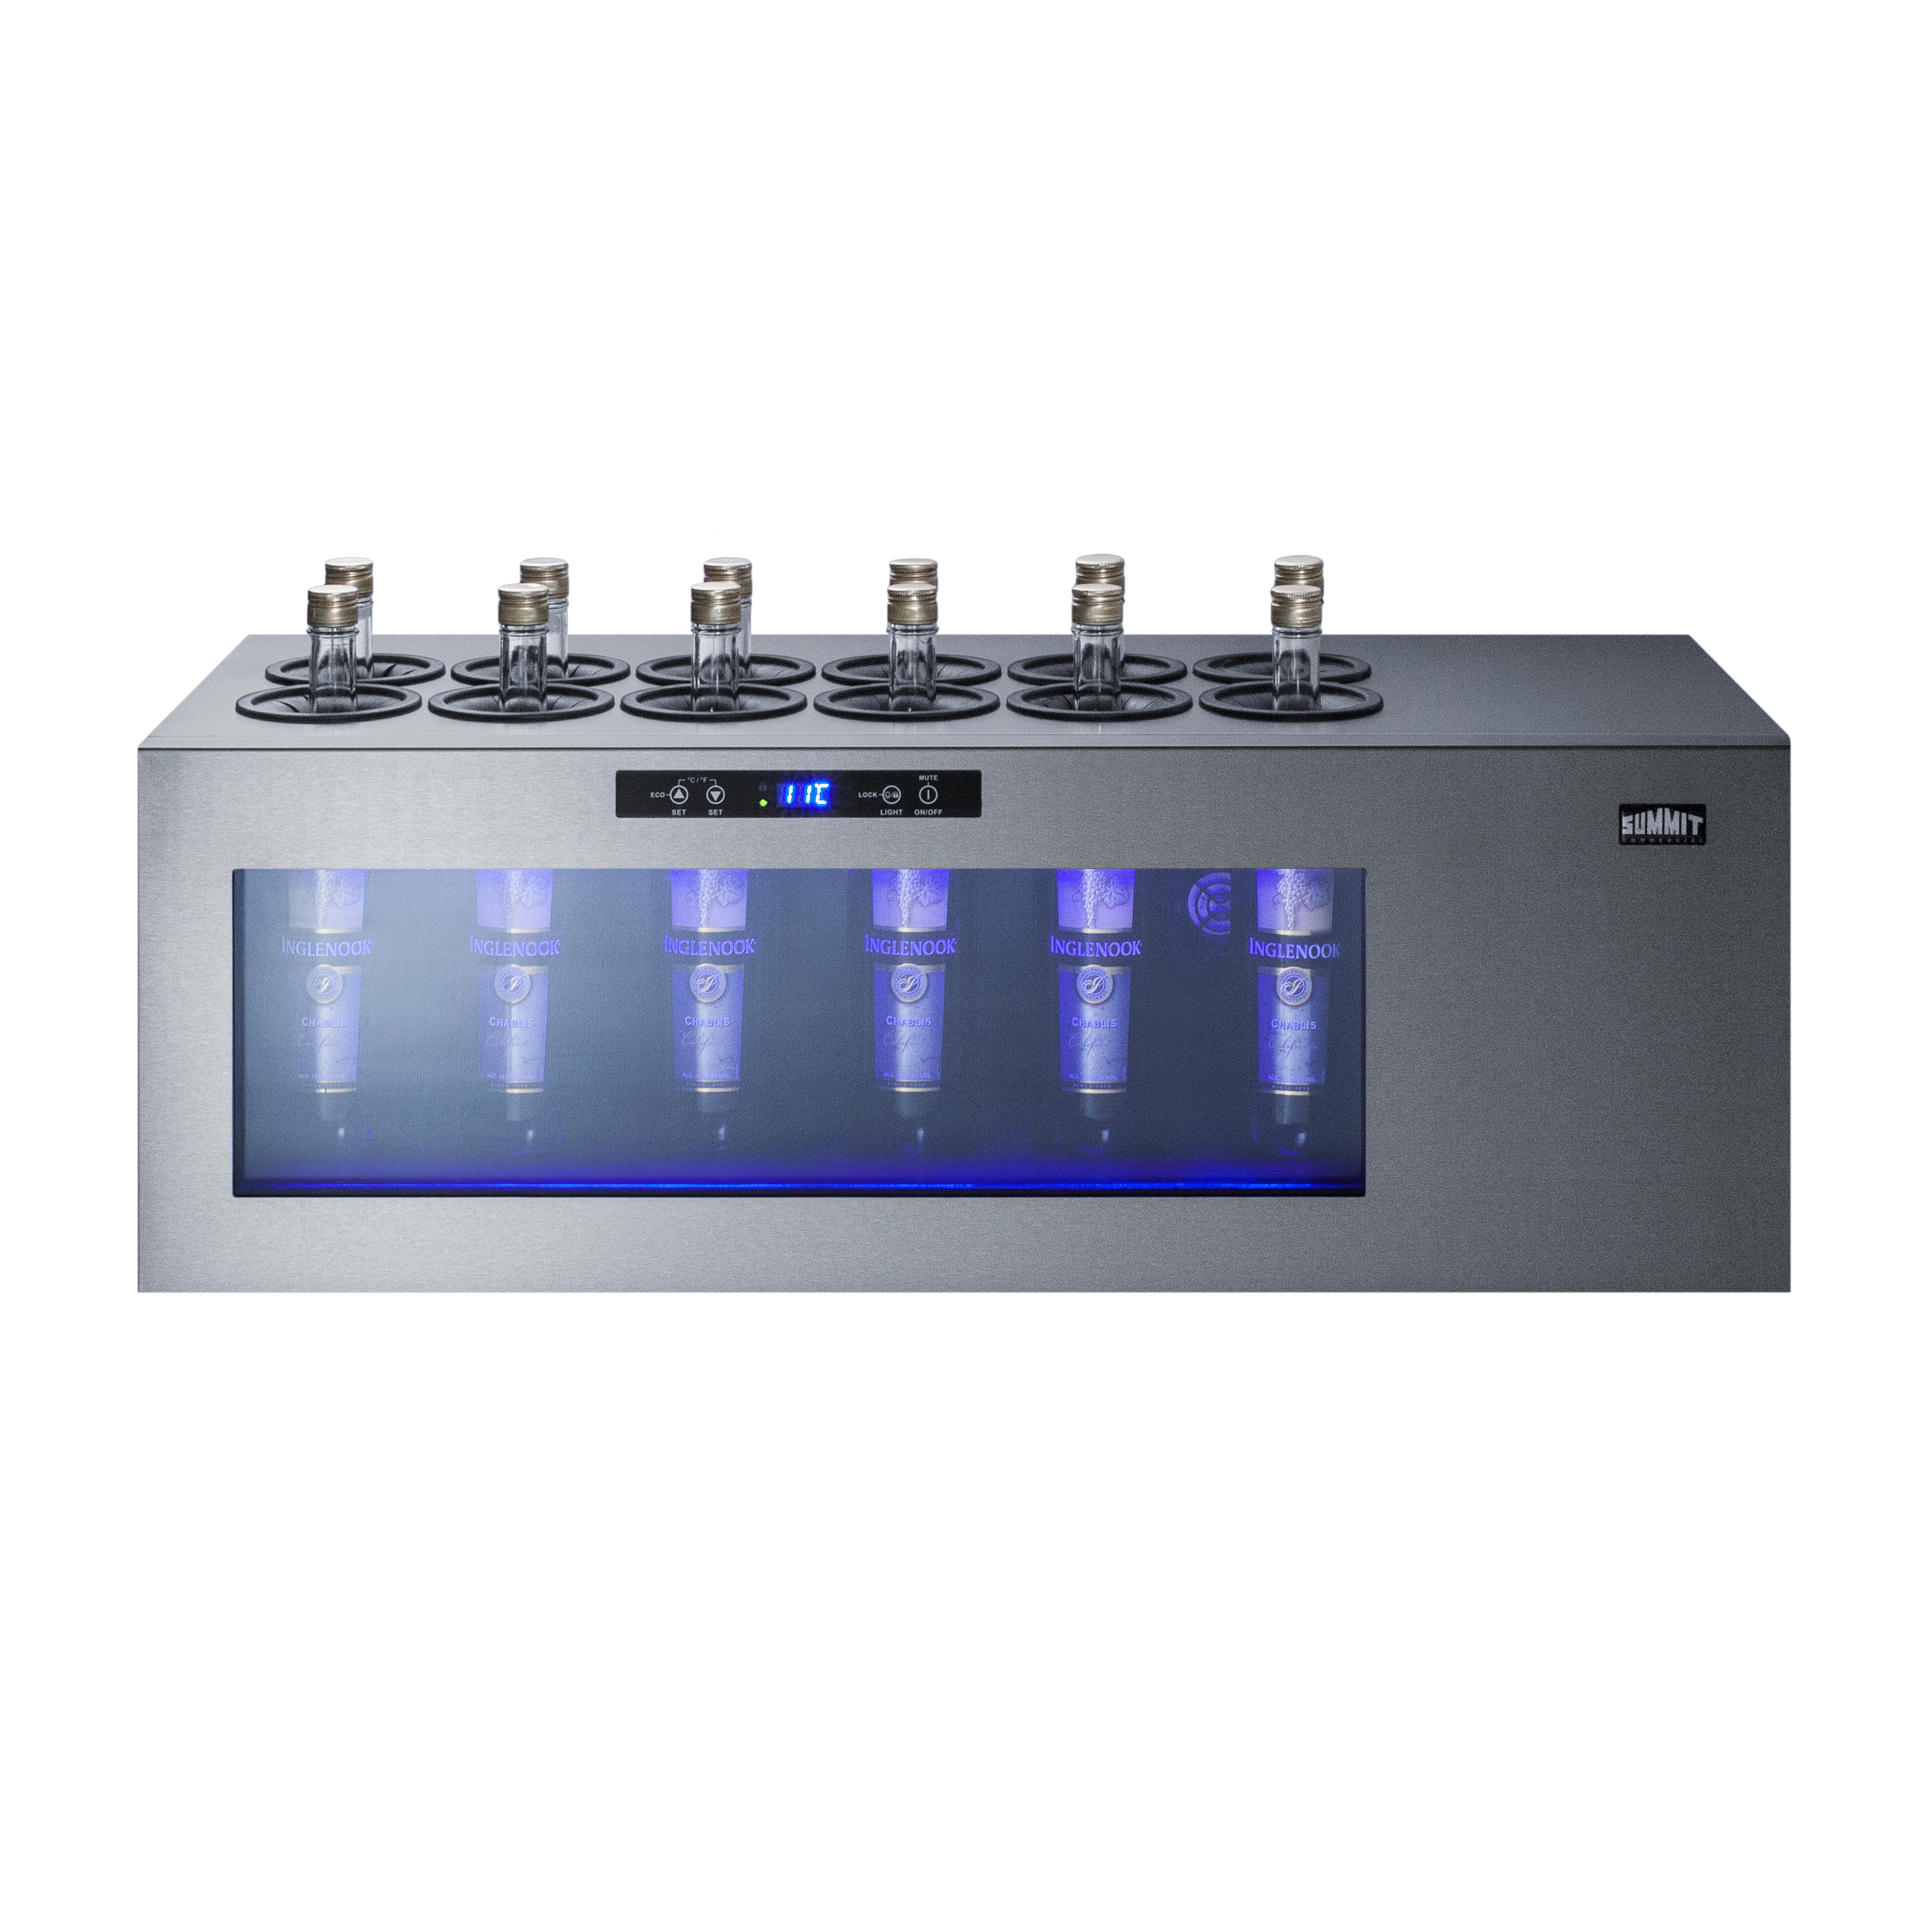 Summit Appliance STC12 refrigerator, merchandiser, countertop